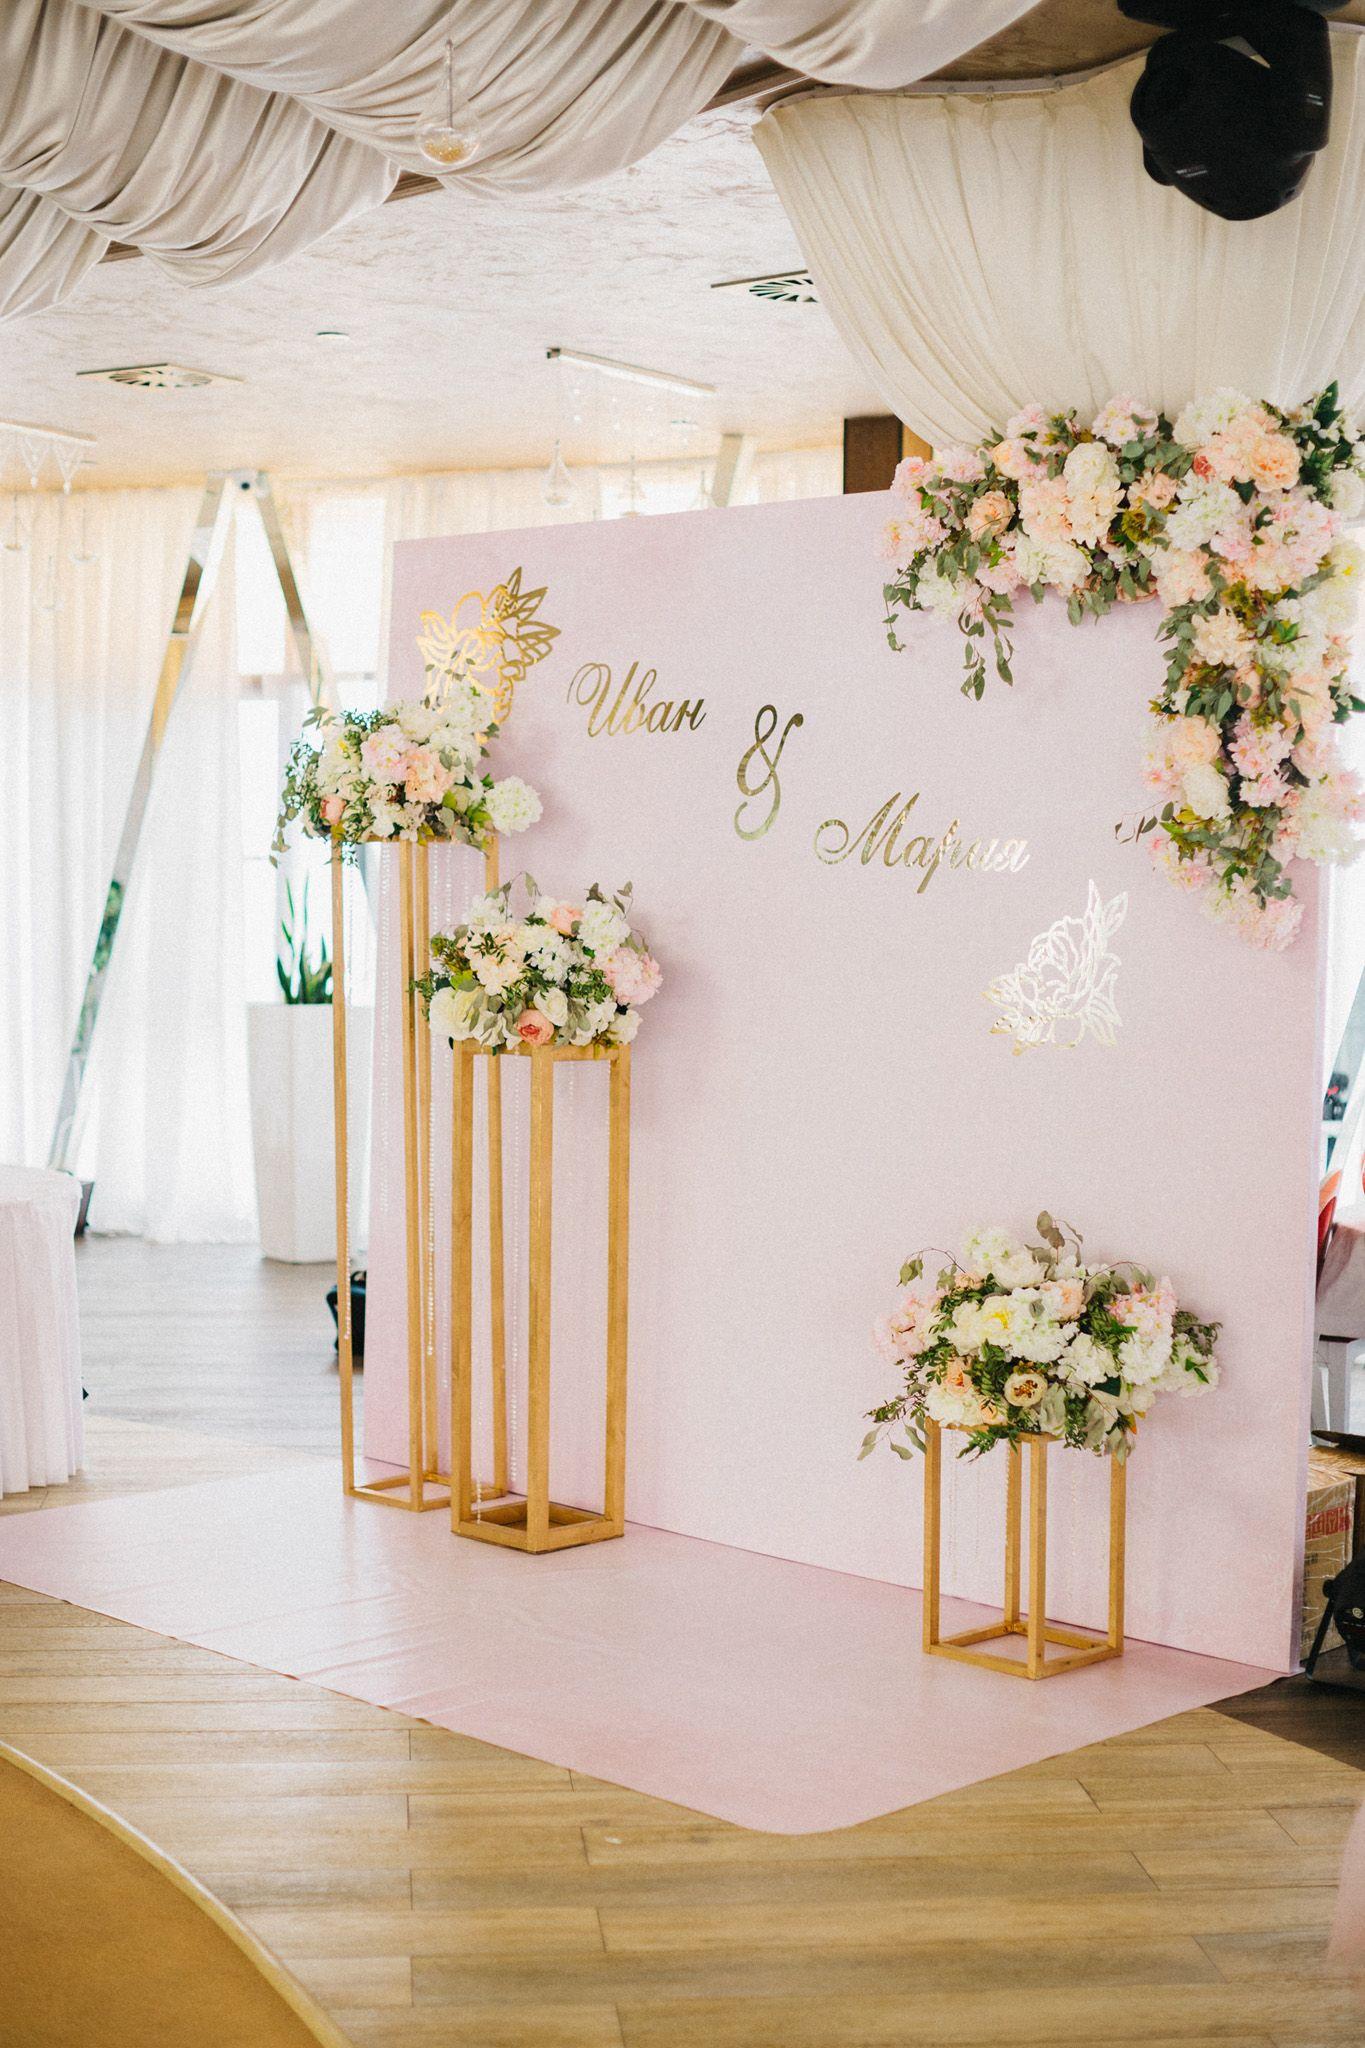 The Ideal Wedding Photosone Dekorasi Pernikahan Buatan Sendiri Ide Perkawinan Dekorasi Resepsi Pernikahan Dekorasi pernikahan buatan sendiri